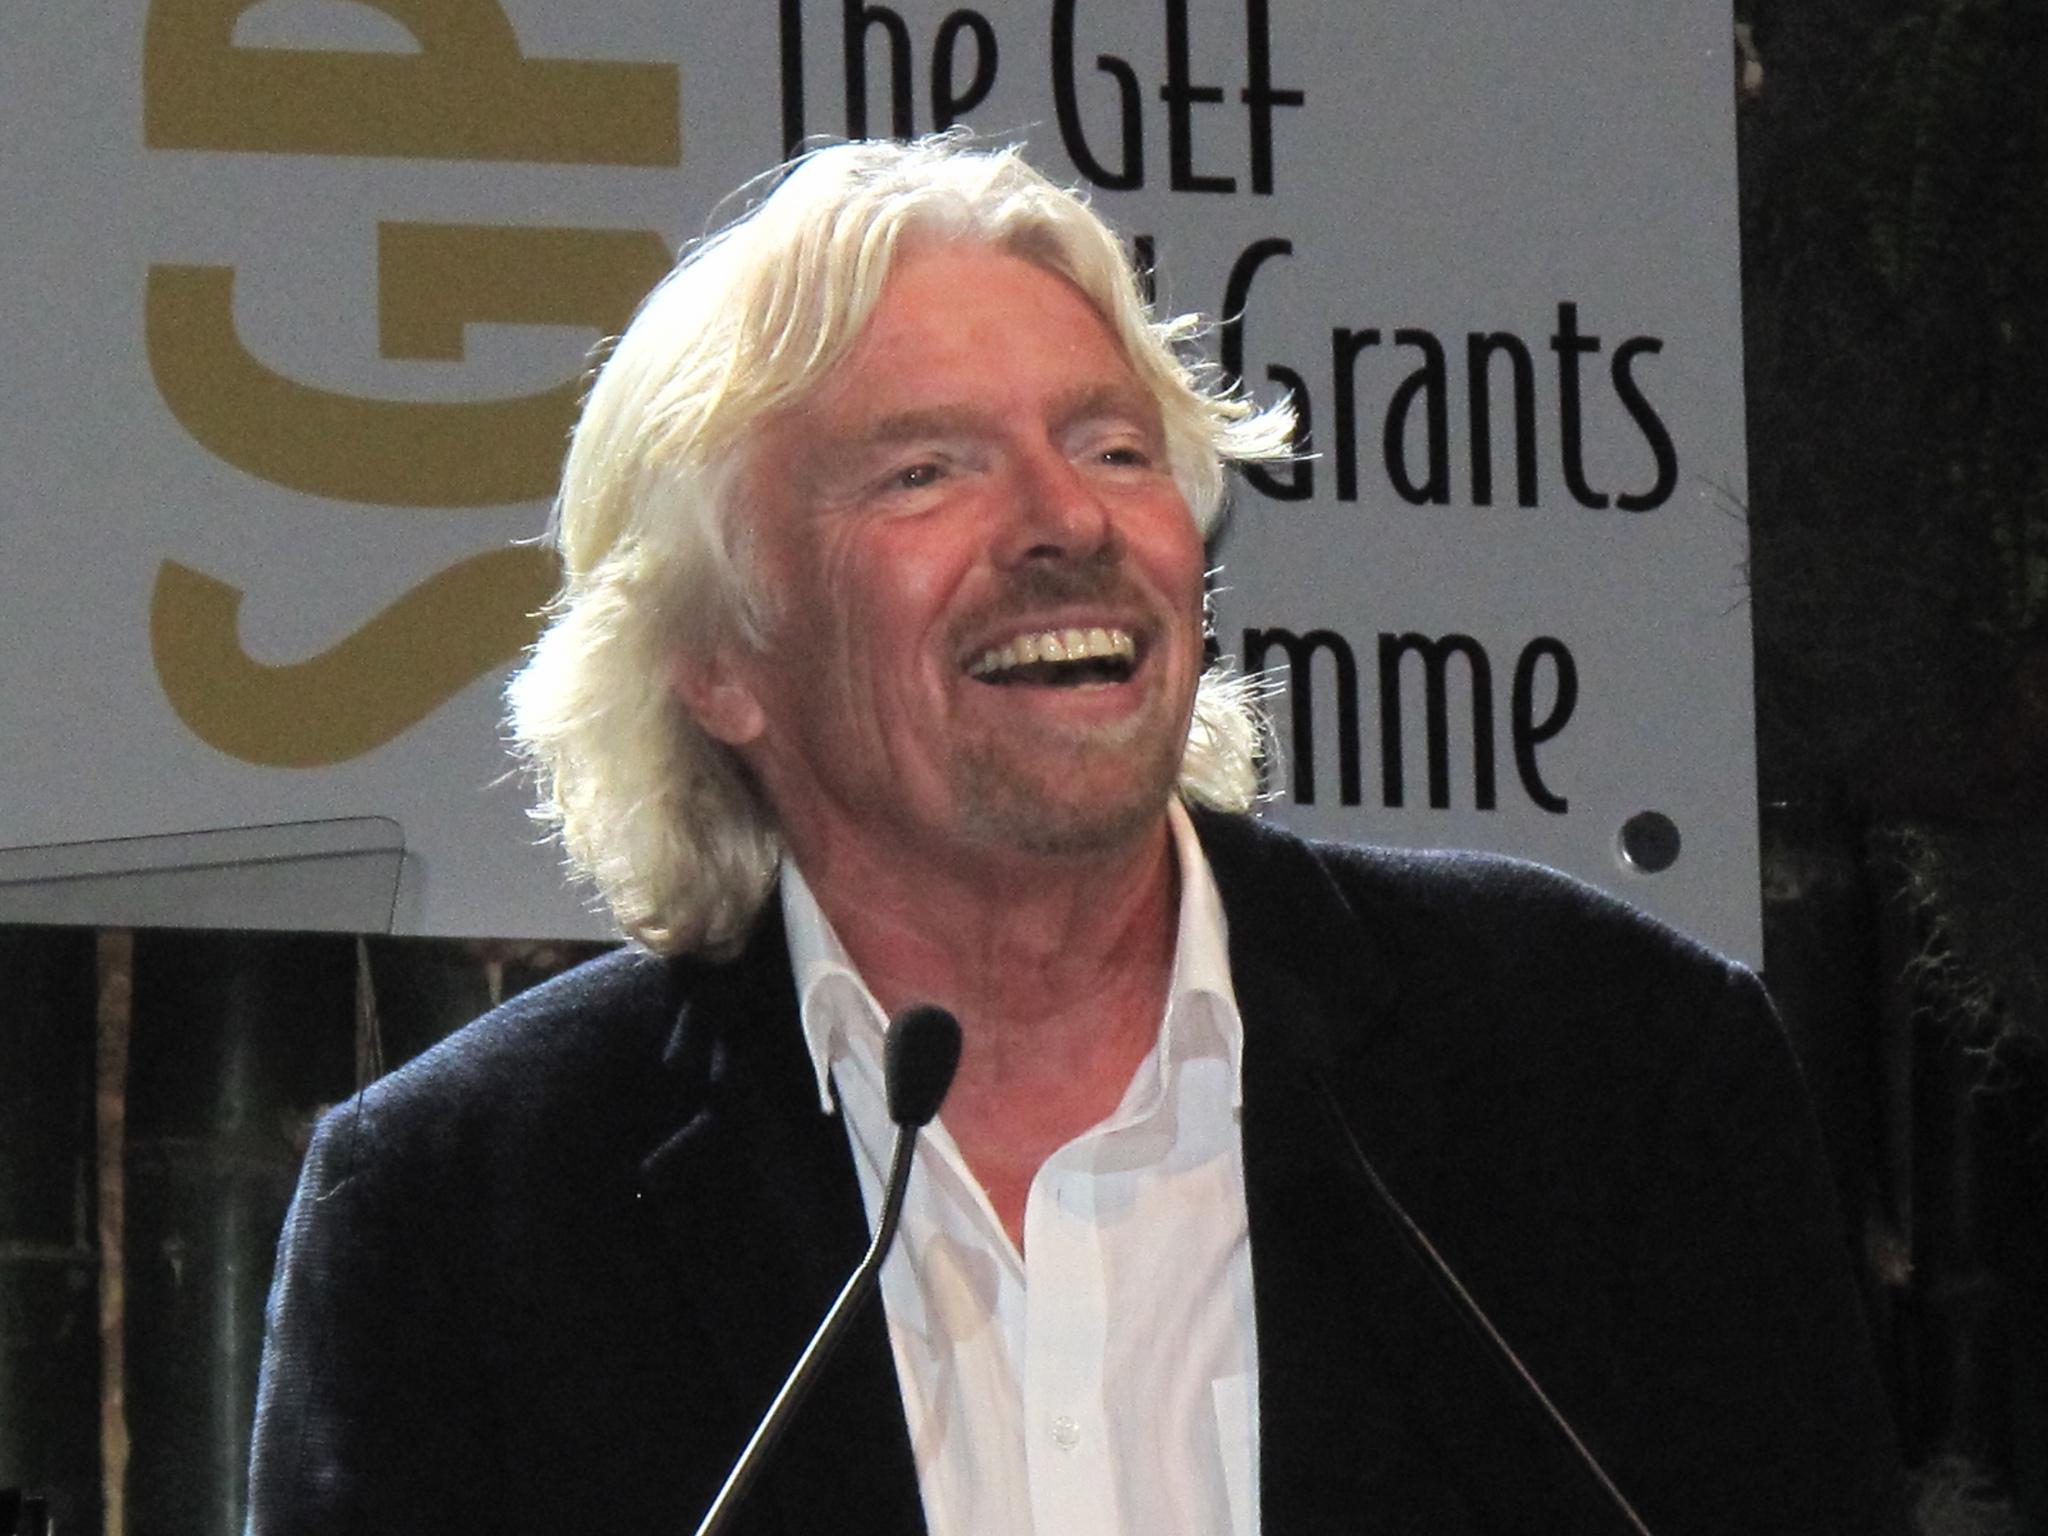 Richard Branson empfängt den Cannabis Culture Award im Namen der Weltkommission für Drogenpolitik im Jahr 2012 (CC. UNclimatechange)